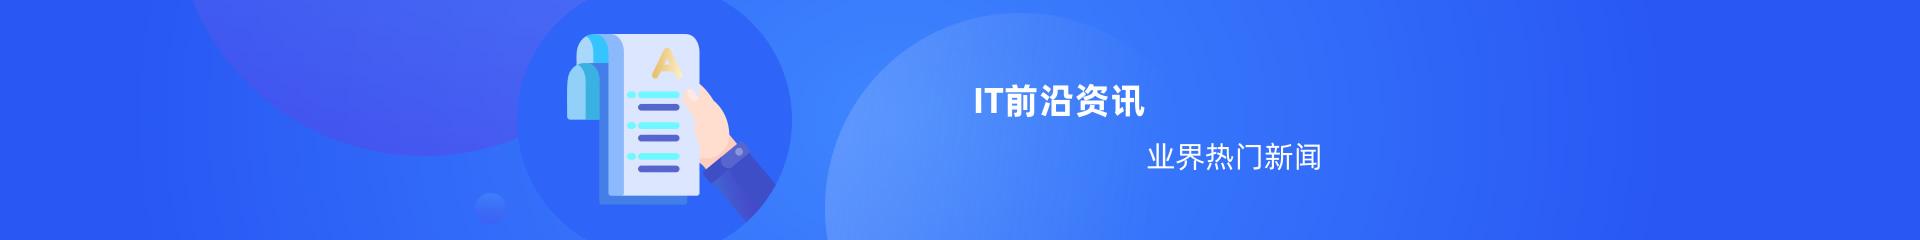 中培教育IT资讯频道